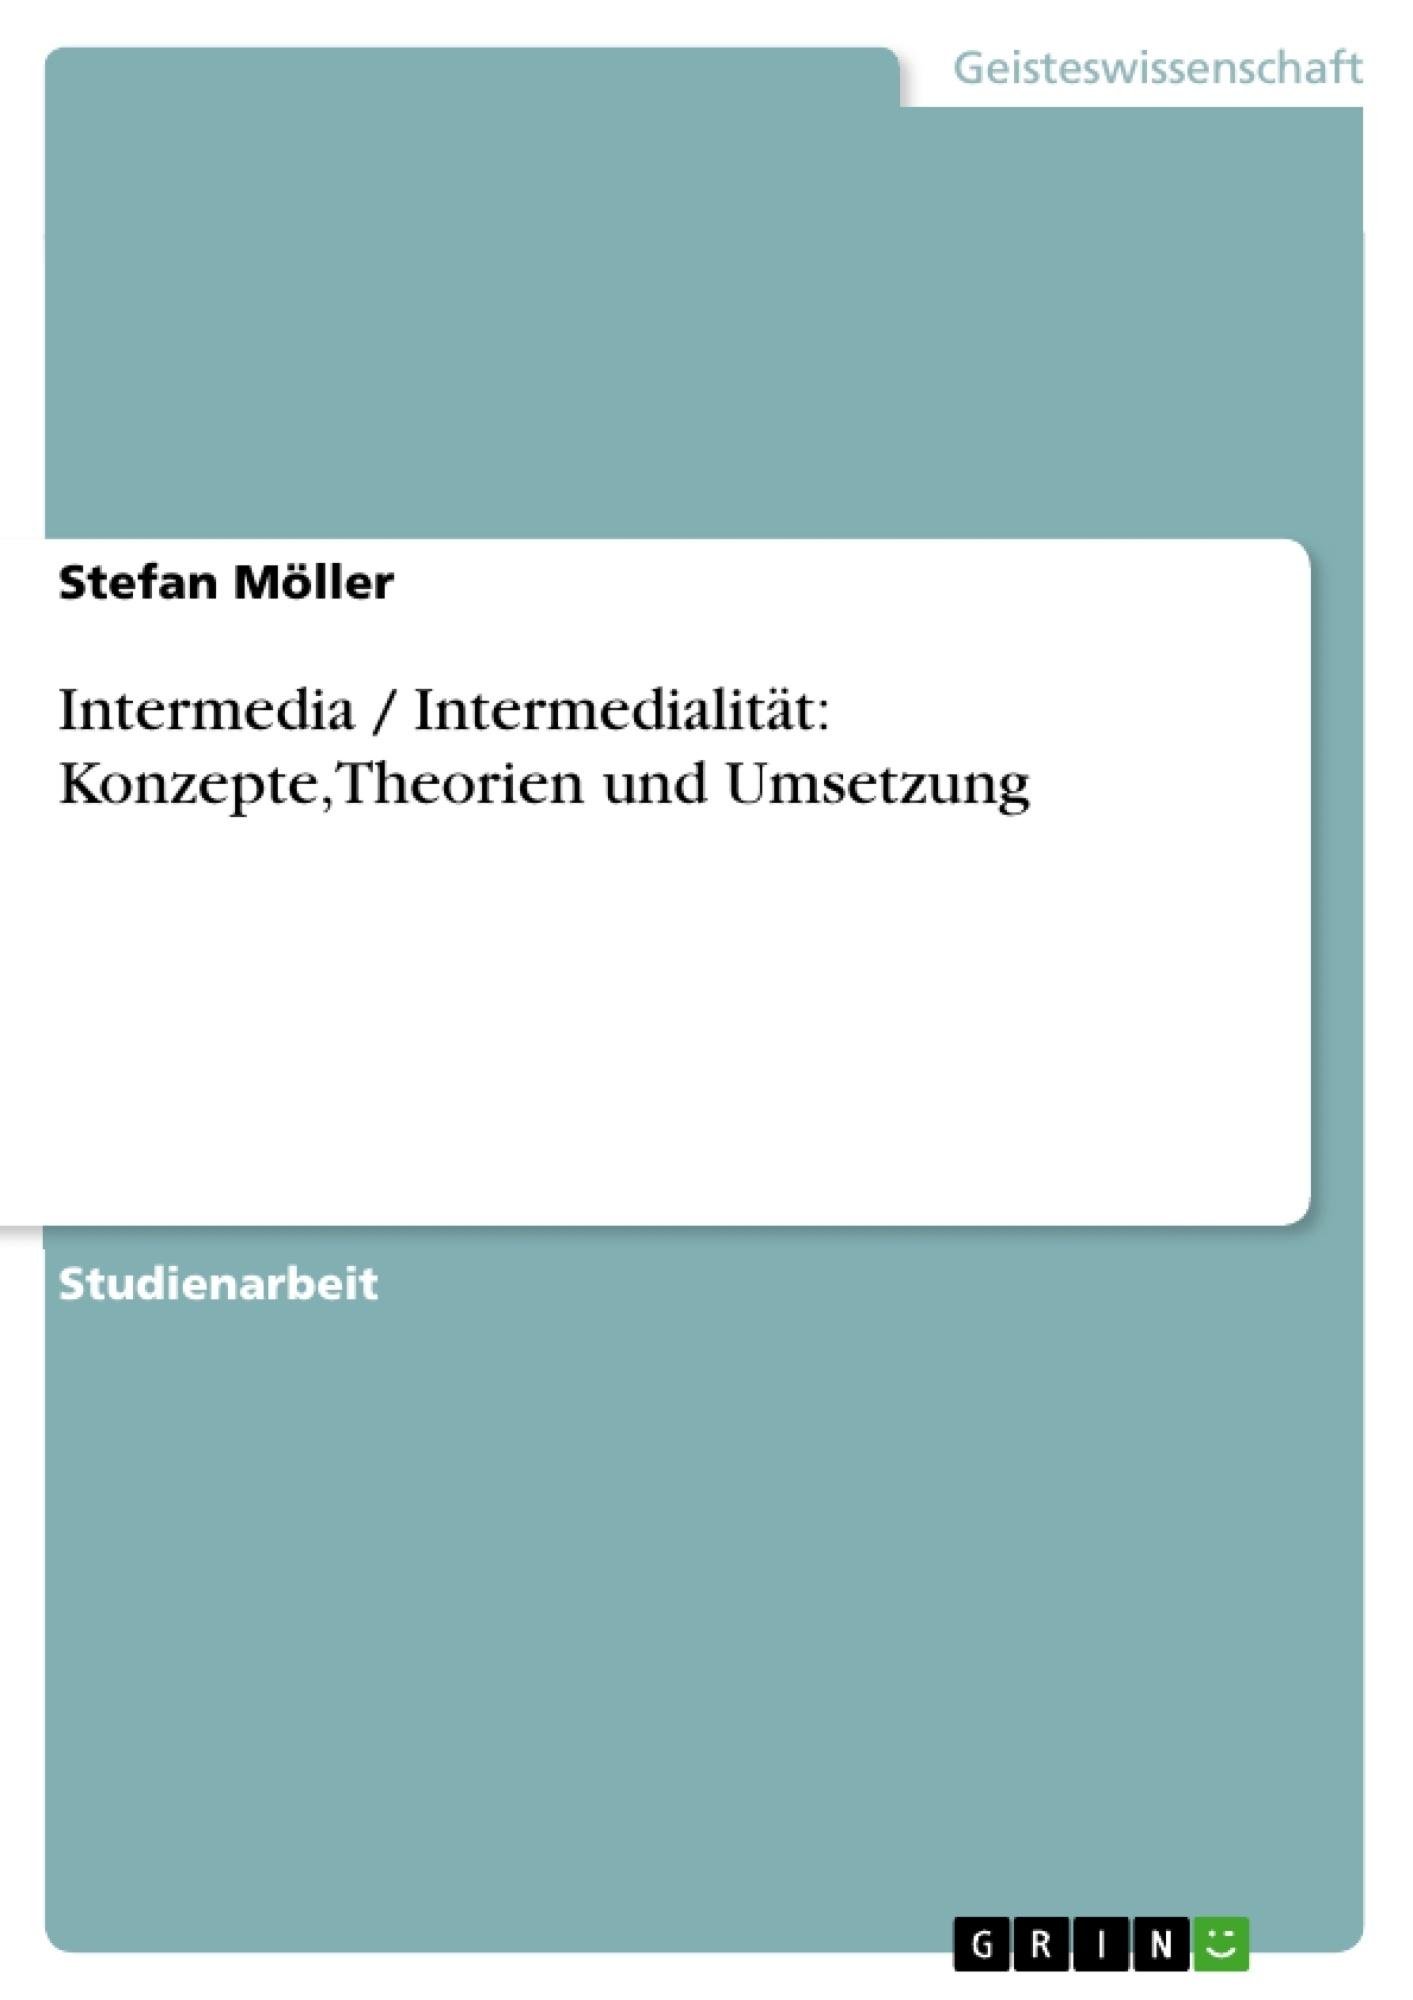 Titel: Intermedia / Intermedialität: Konzepte,Theorien und Umsetzung